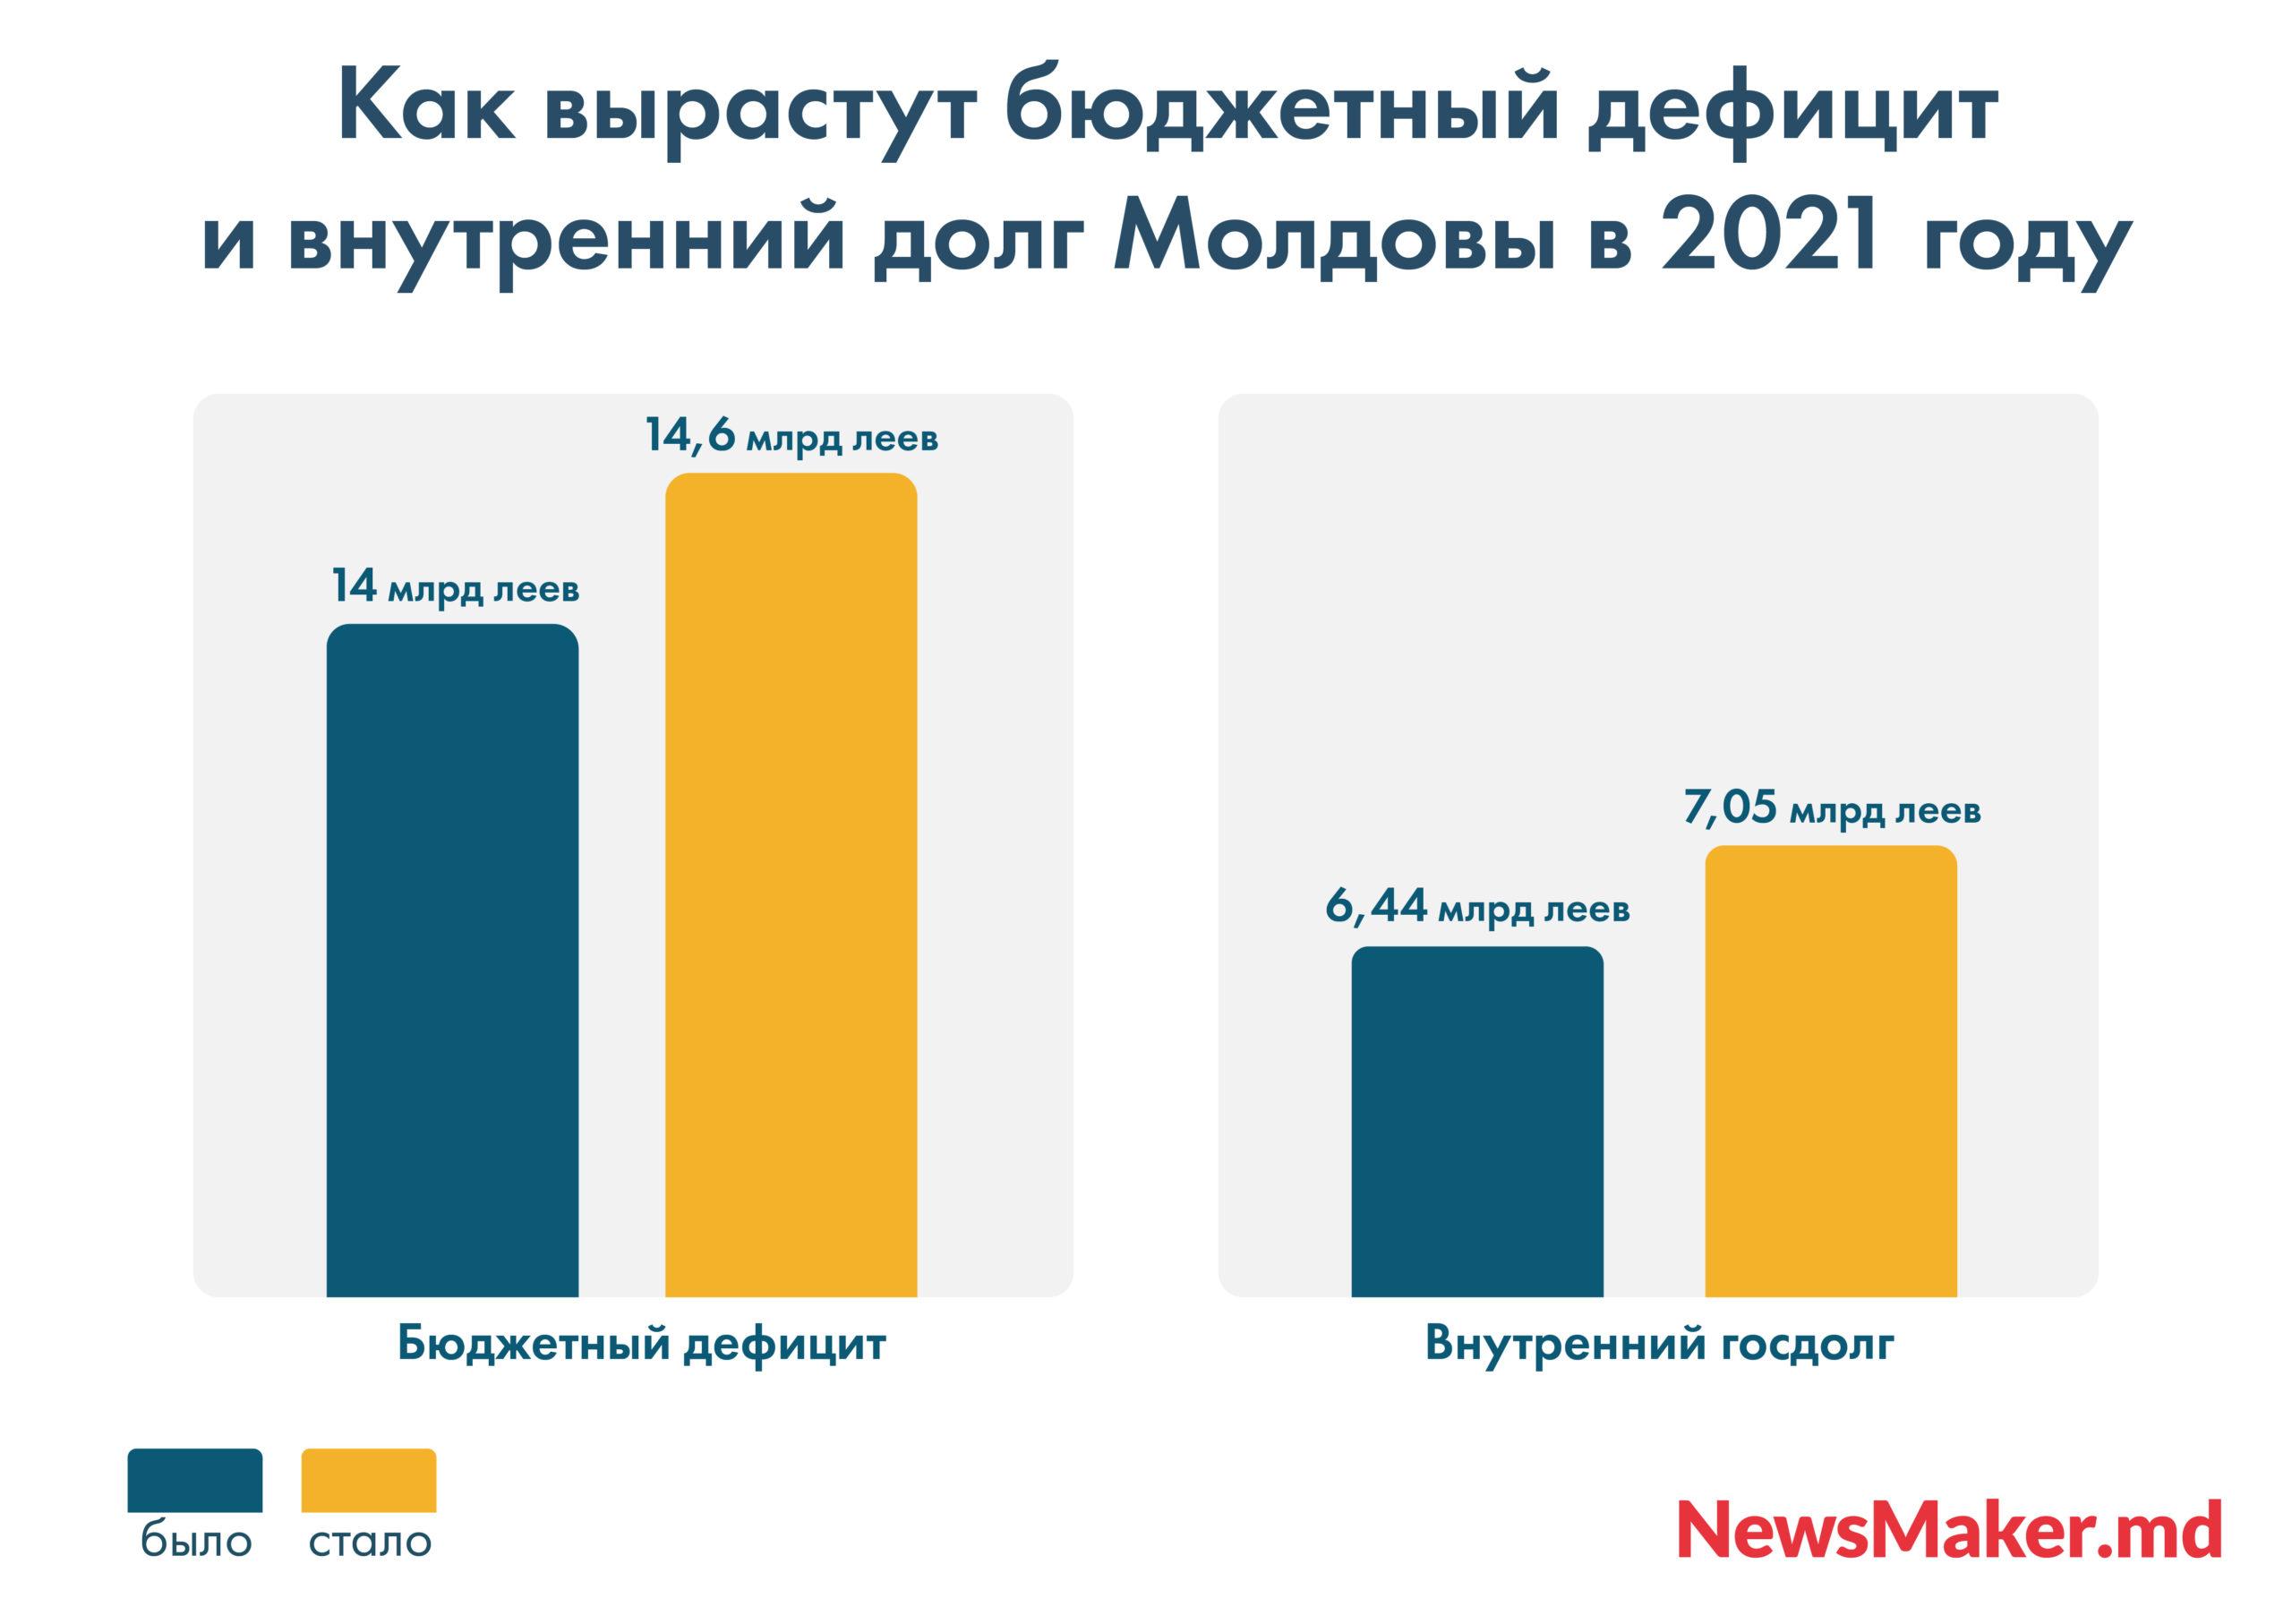 Парламент увеличил расходы бюджета на 600 млн, чтобы проиндексировать пенсии. Кто (не) голосовал?